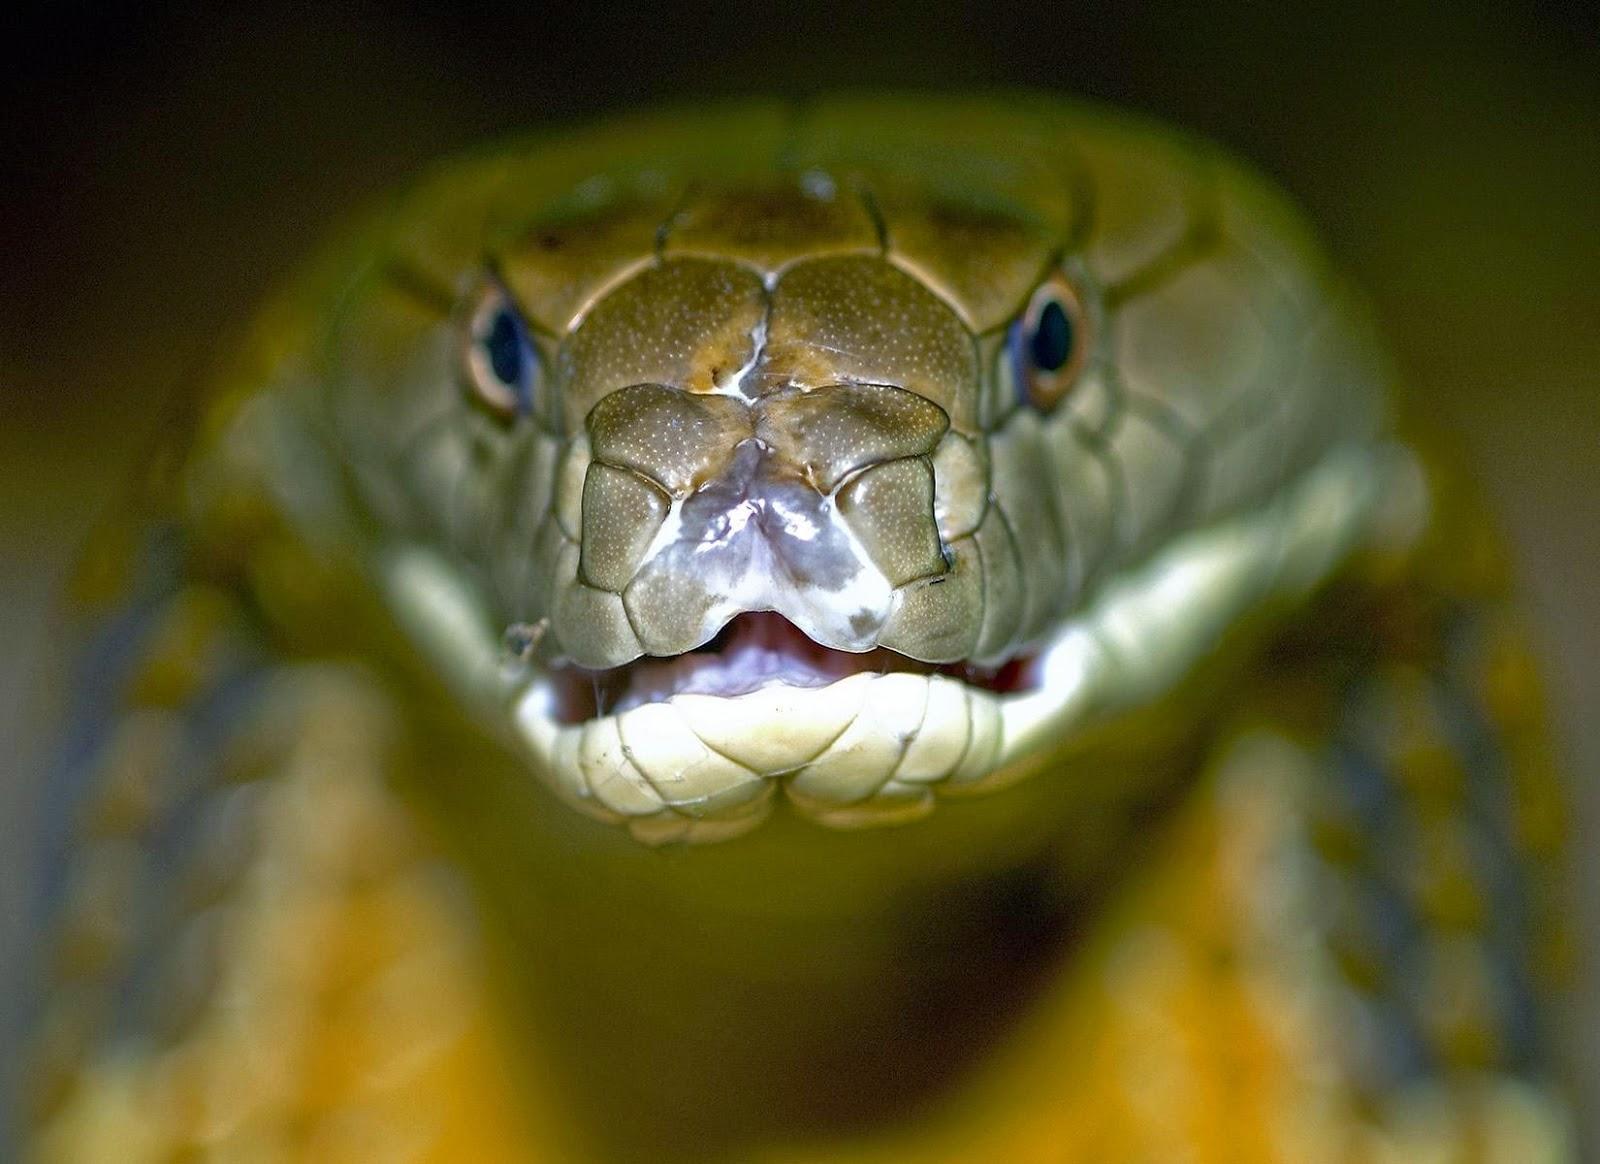 King Snake Hd Pictures Fantastic Snake Wallpaper: HD Wallpapers: King Cobra Snake HD Wallpapers